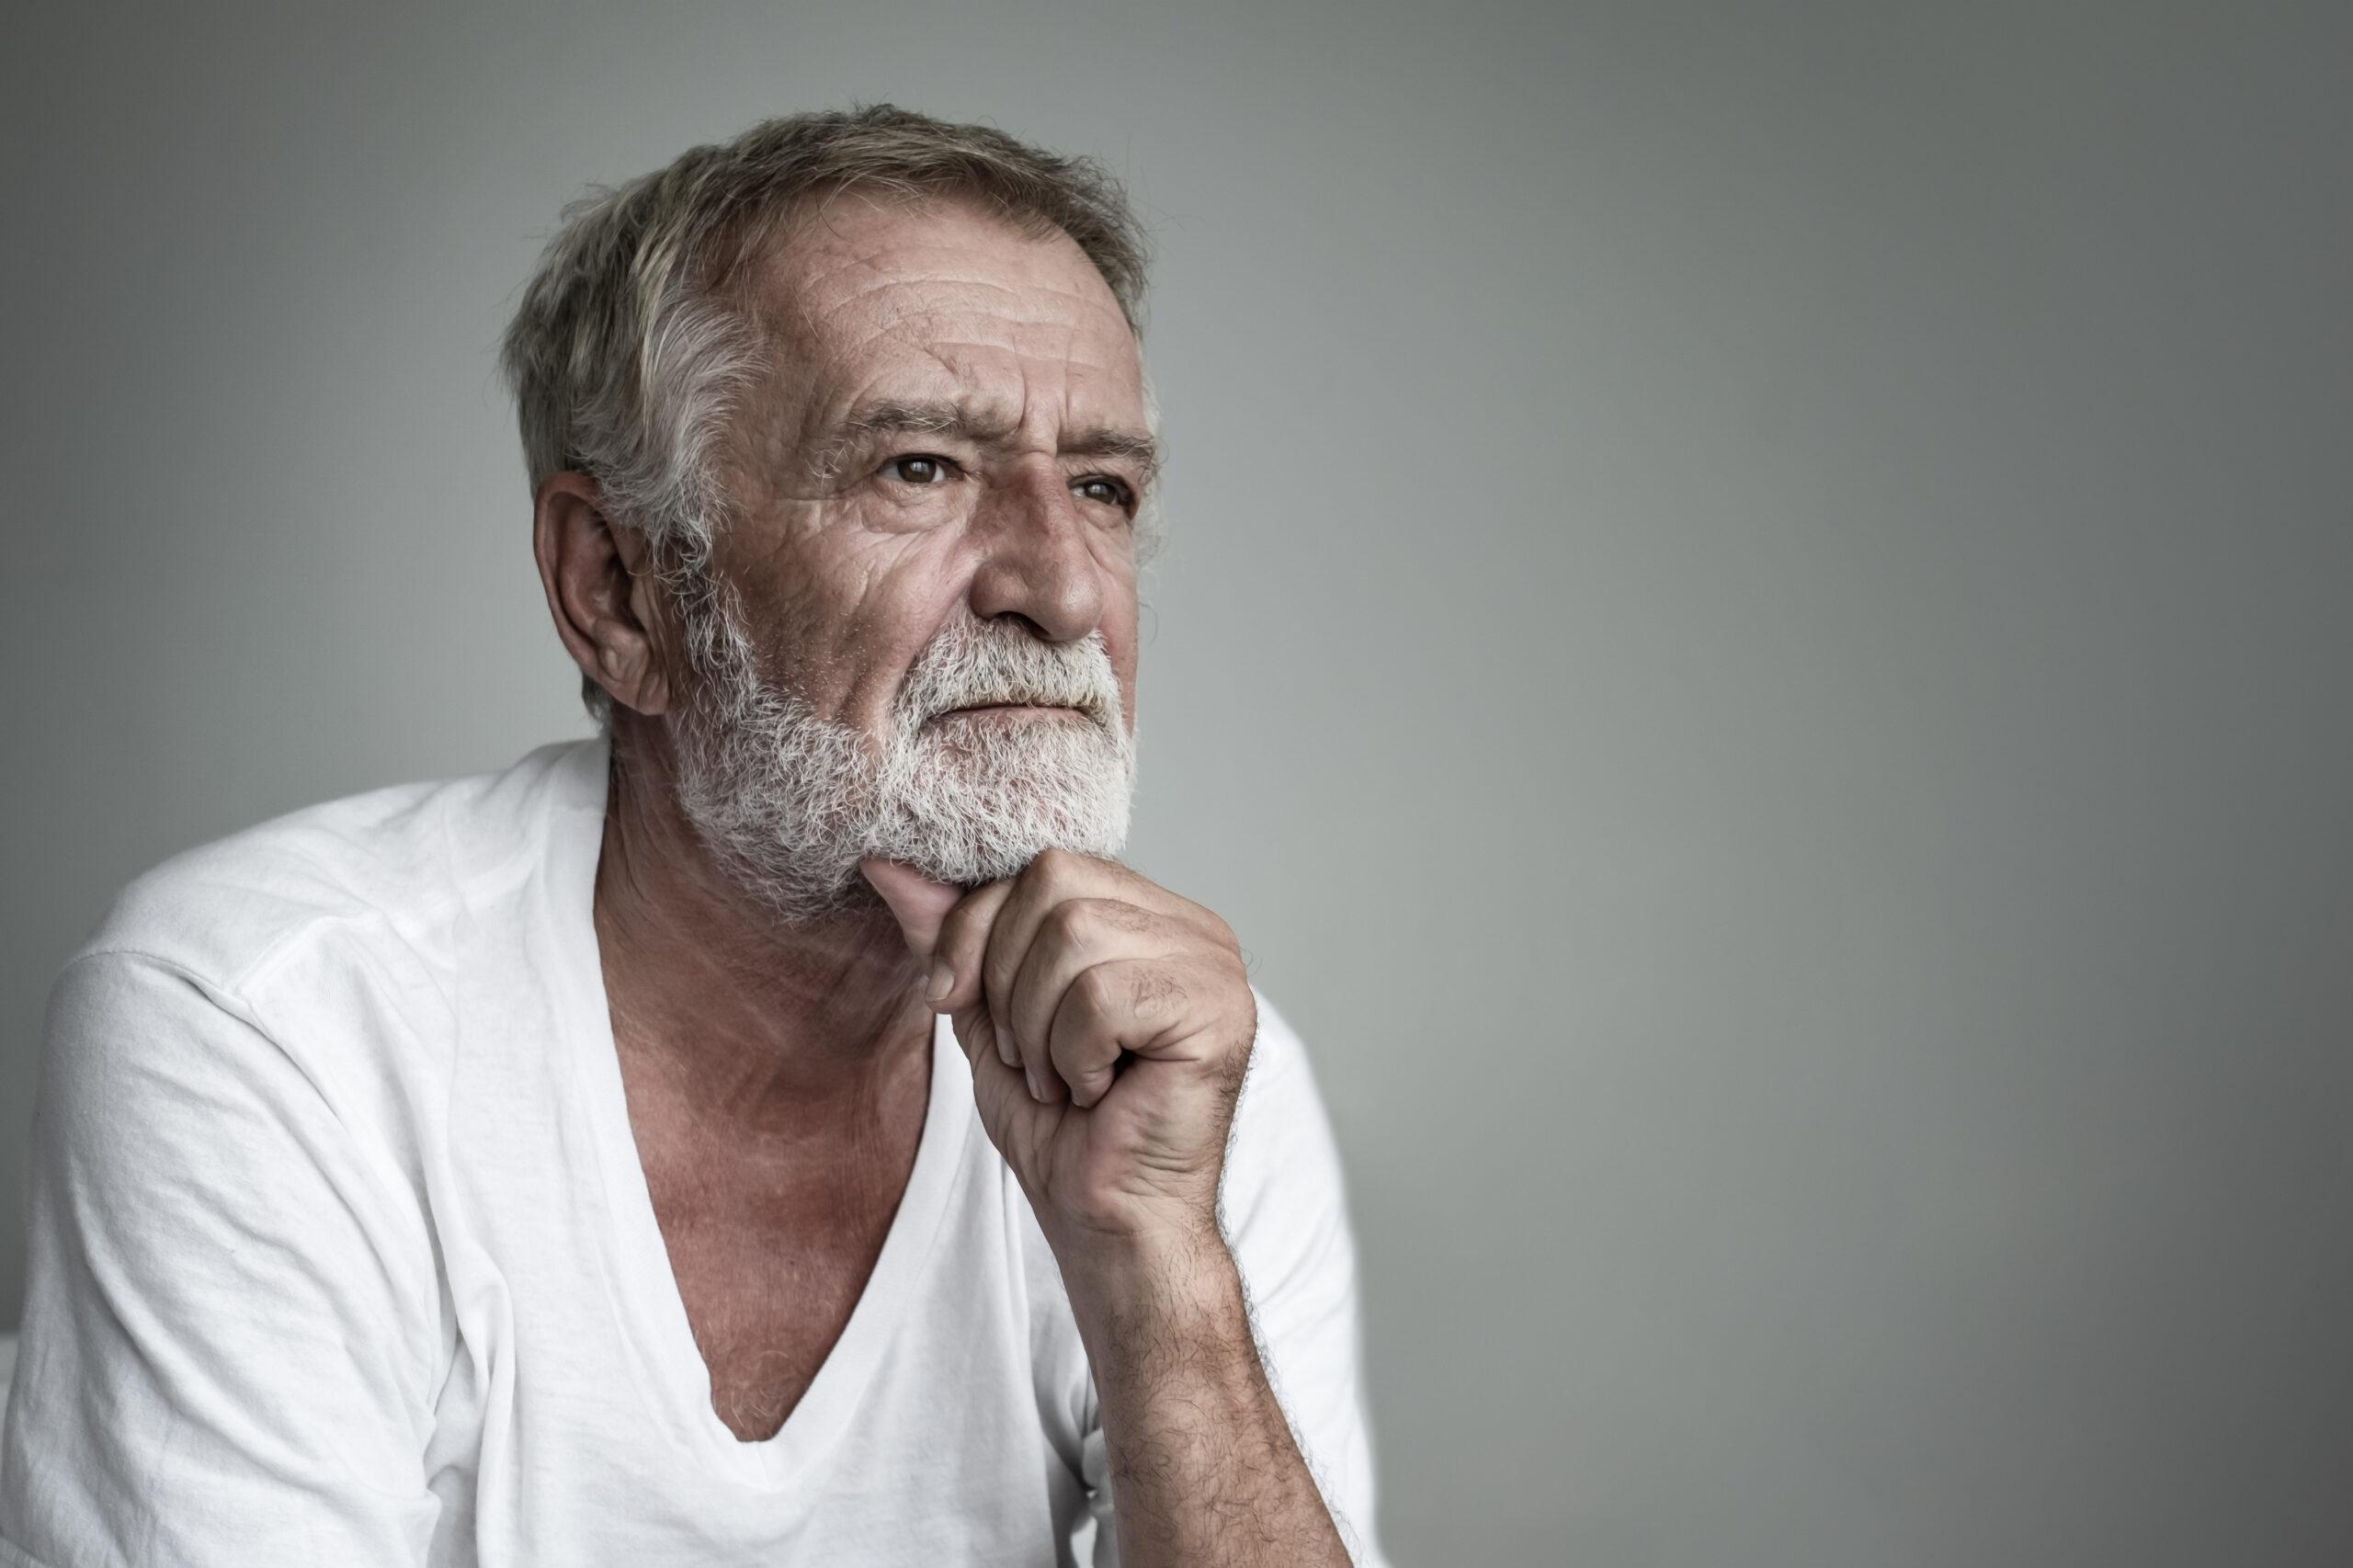 Jeder zehnte Ältere gibt Jobsuche auf